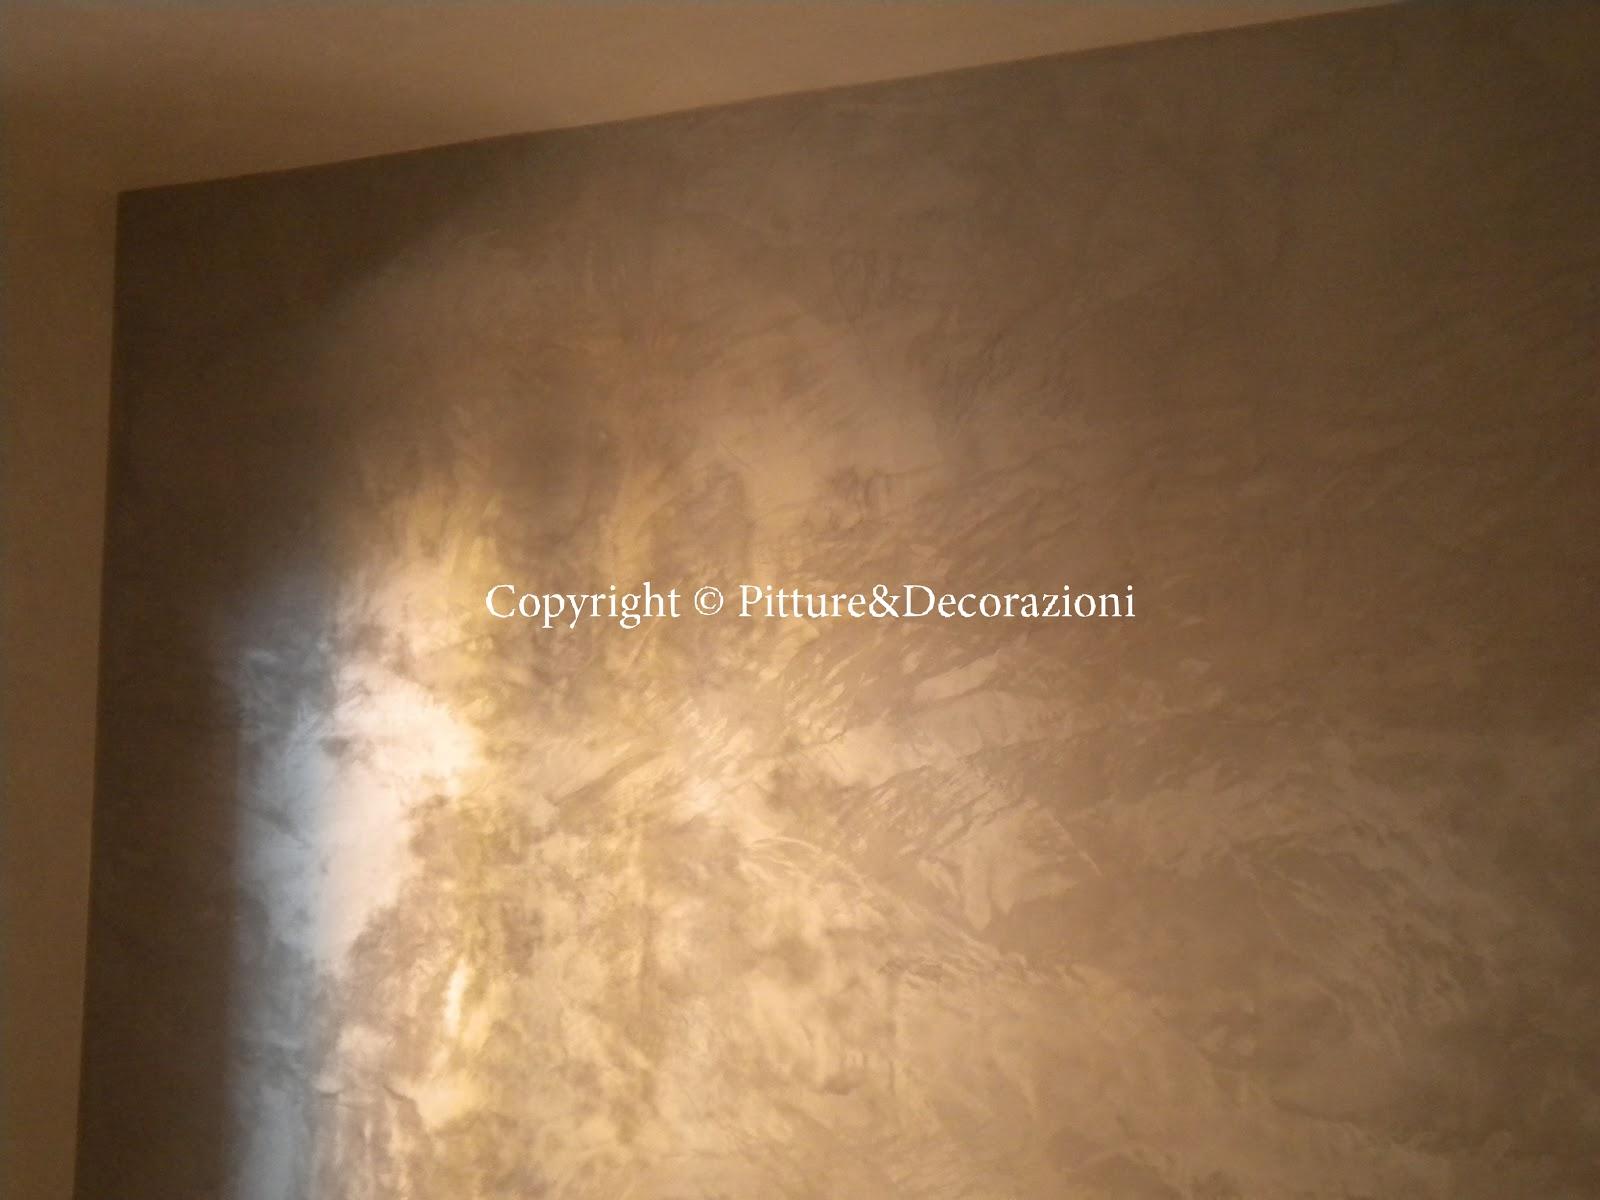 Pitture decorazioni ottocento antico velluto e seta for Oikos colori interni